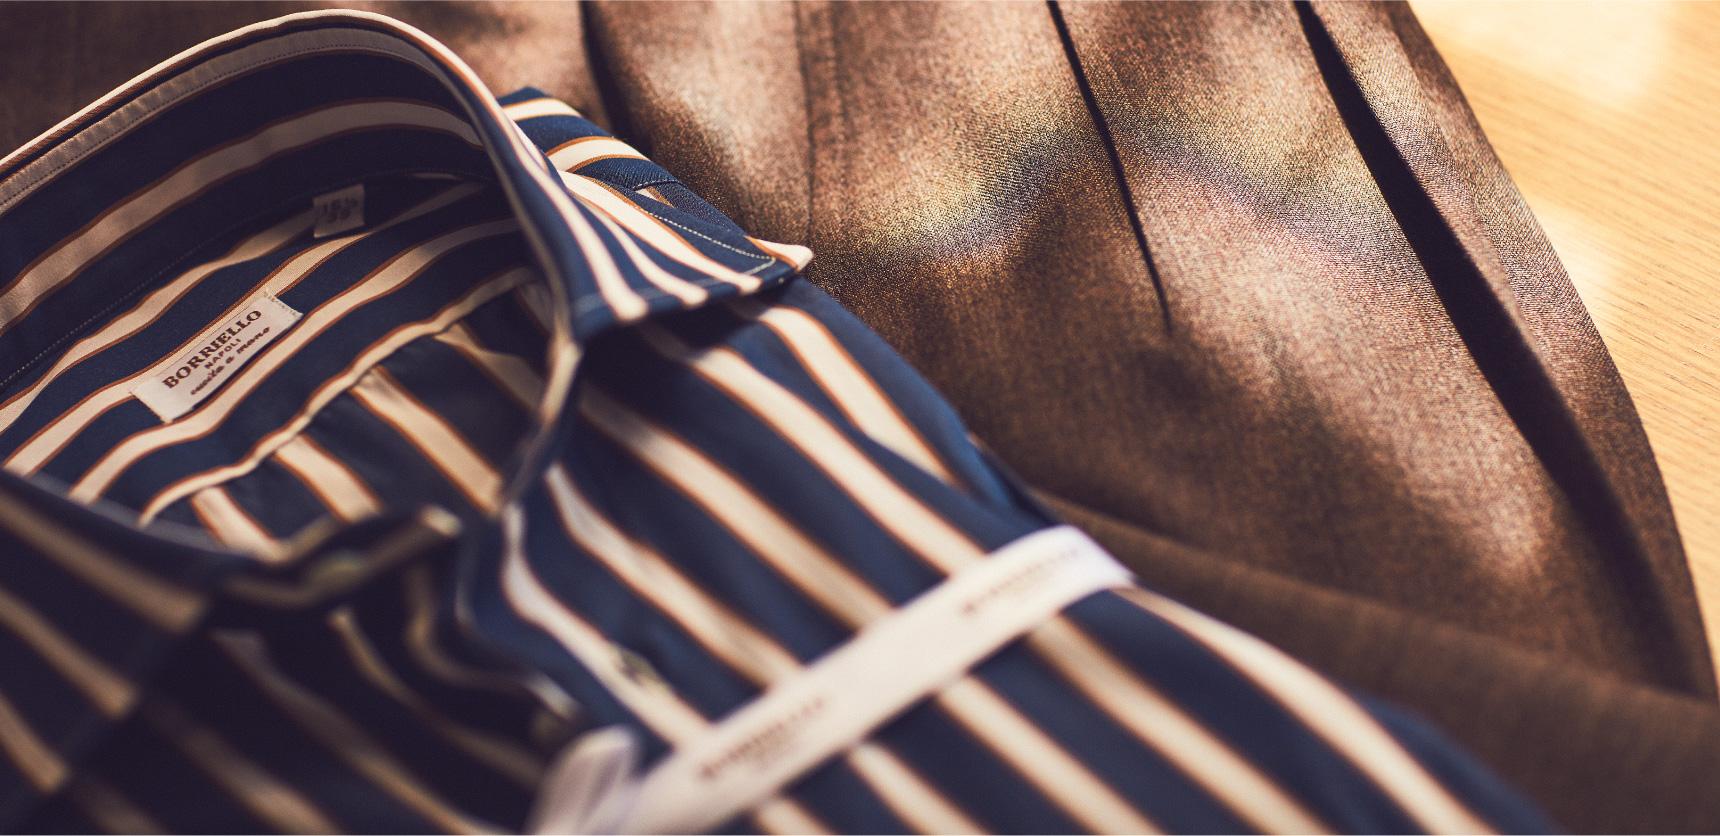 紳士服に合う、シャツブランドBORRIELLO(ボリエッロ)のハンドメイドシャツをTHE G'S HIDEOUT.(ザ・ジーズ・ハイドアウト)でオーダーをする事が出来ます。